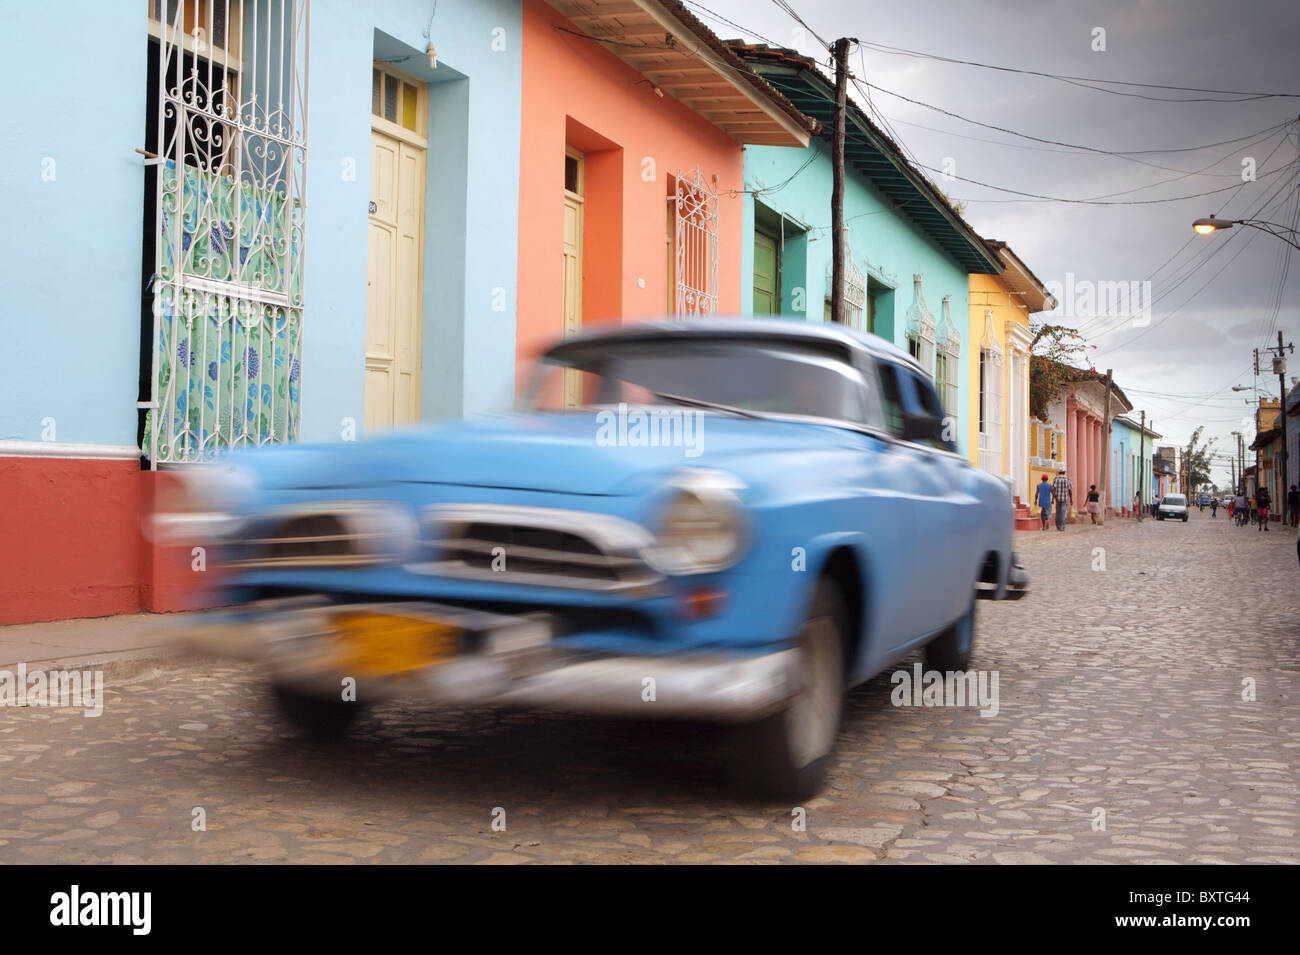 TRINIDAD: VOITURE DE COLLECTION SUR LA RUE COLONIALE colorée Photo Stock